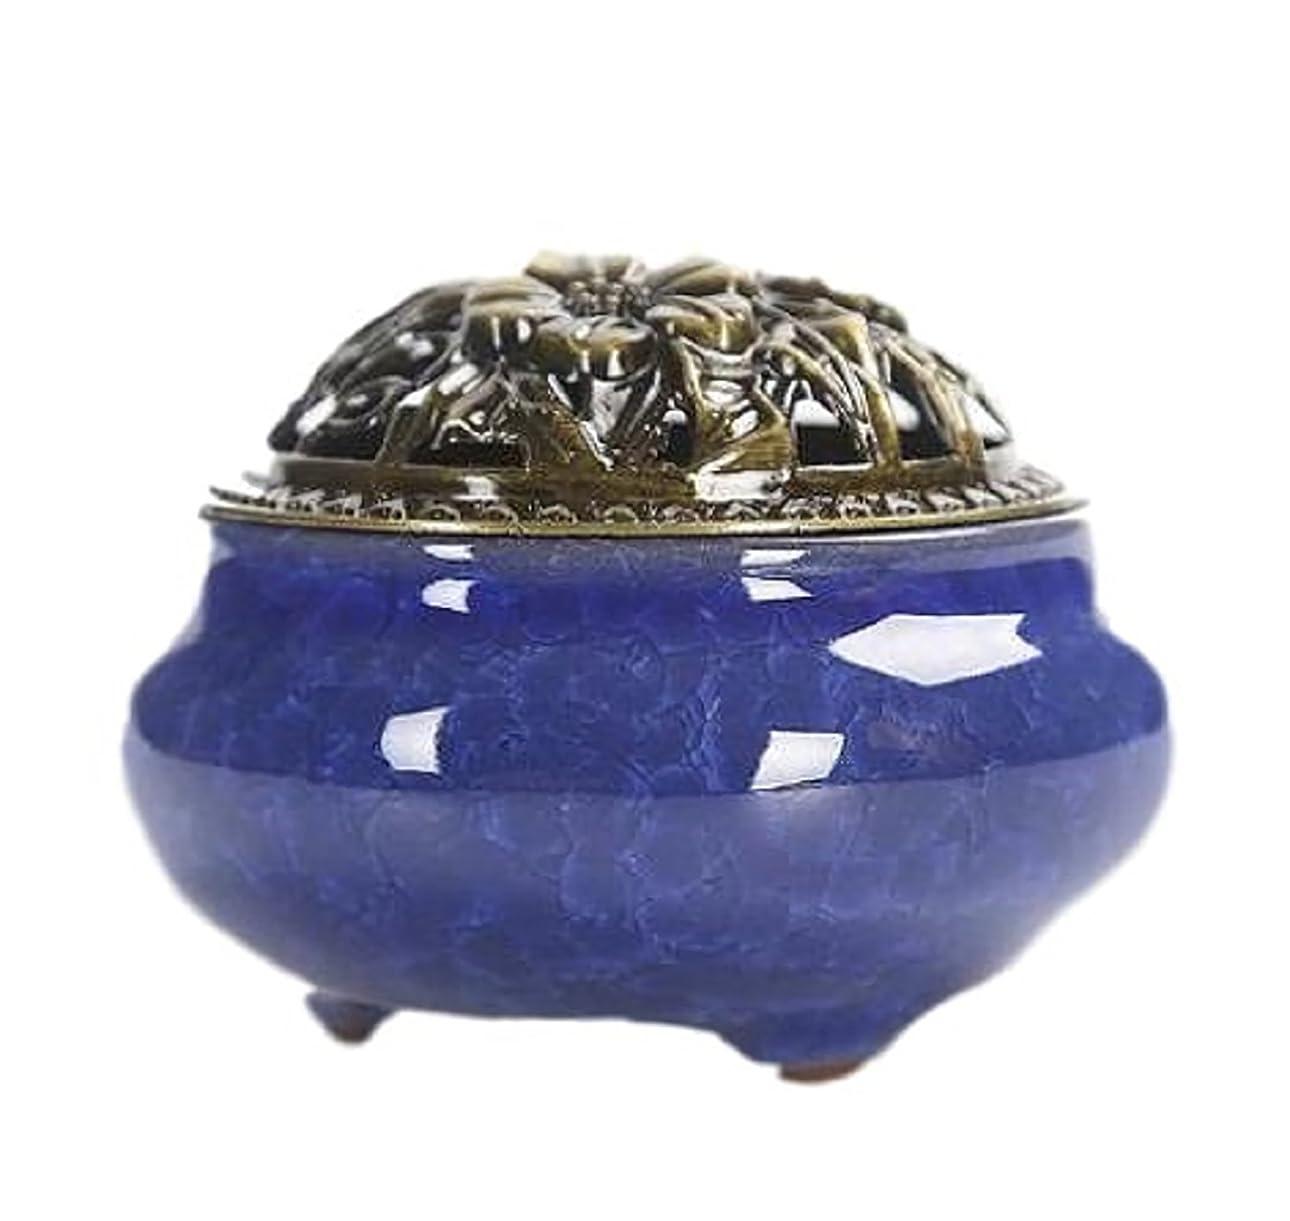 人退屈申込みU-Pick 香炉 お香立て セット 心を落ち着かせてくれる 色合い 陶器 サファイア色